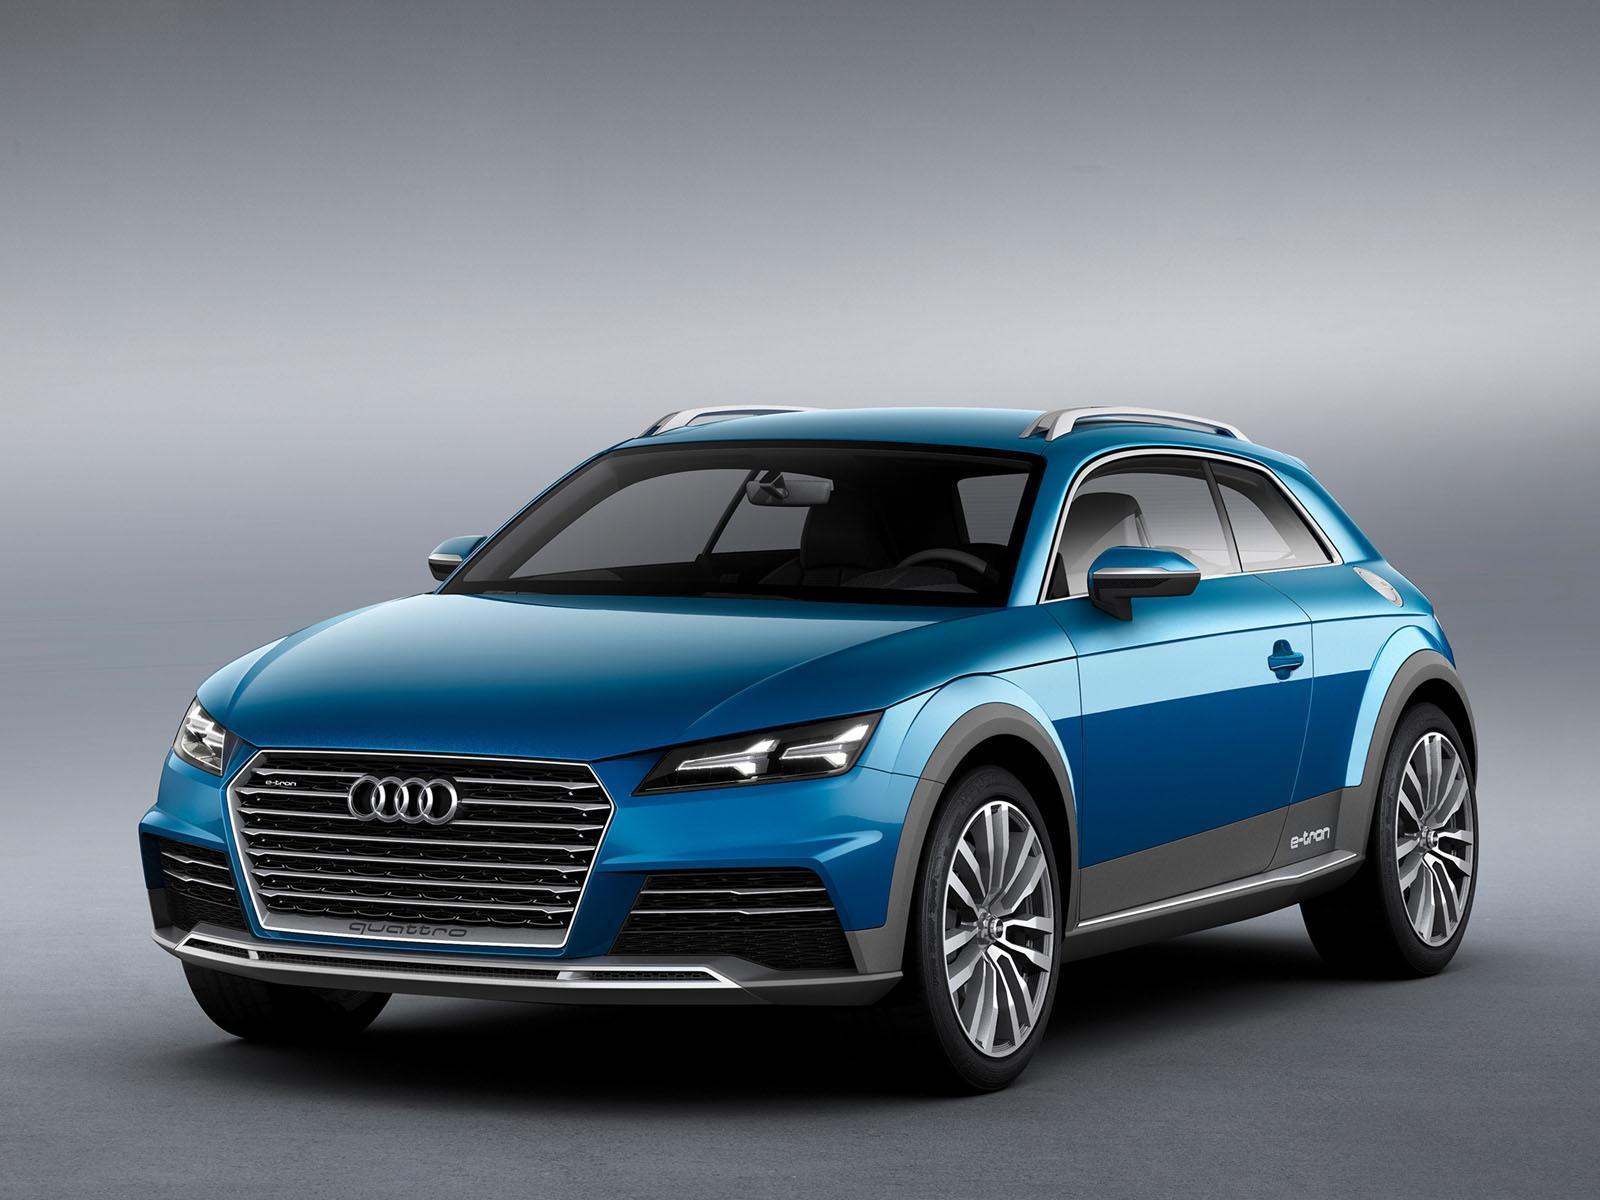 Foto de Audi All Road Shooting Brake Concept (1/5)